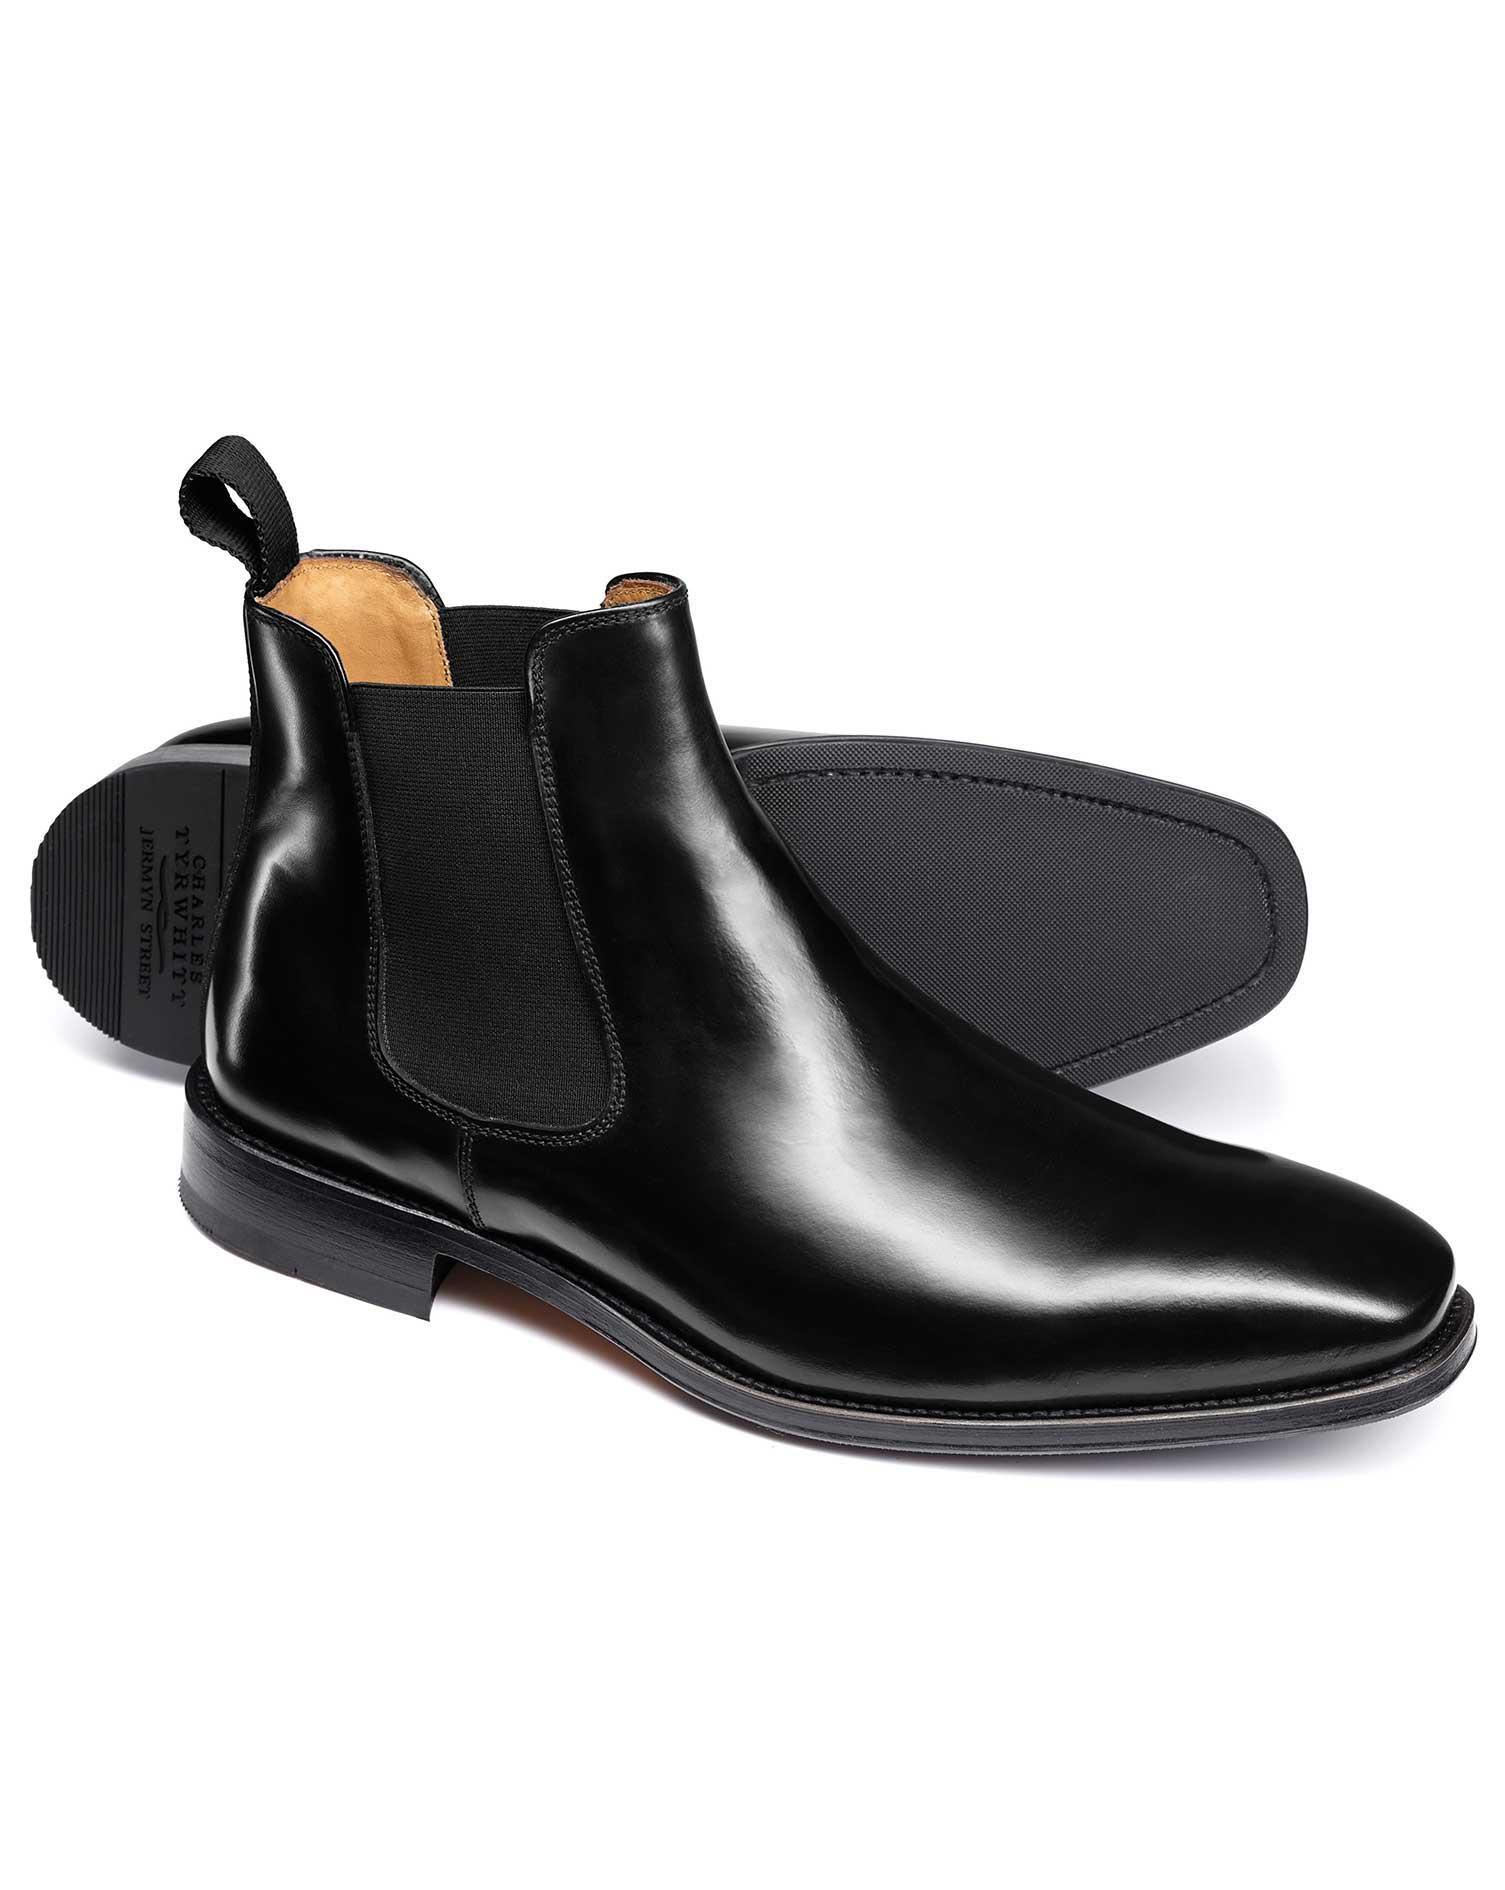 Black Chelsea Boot Size 7 R by Charles Tyrwhitt